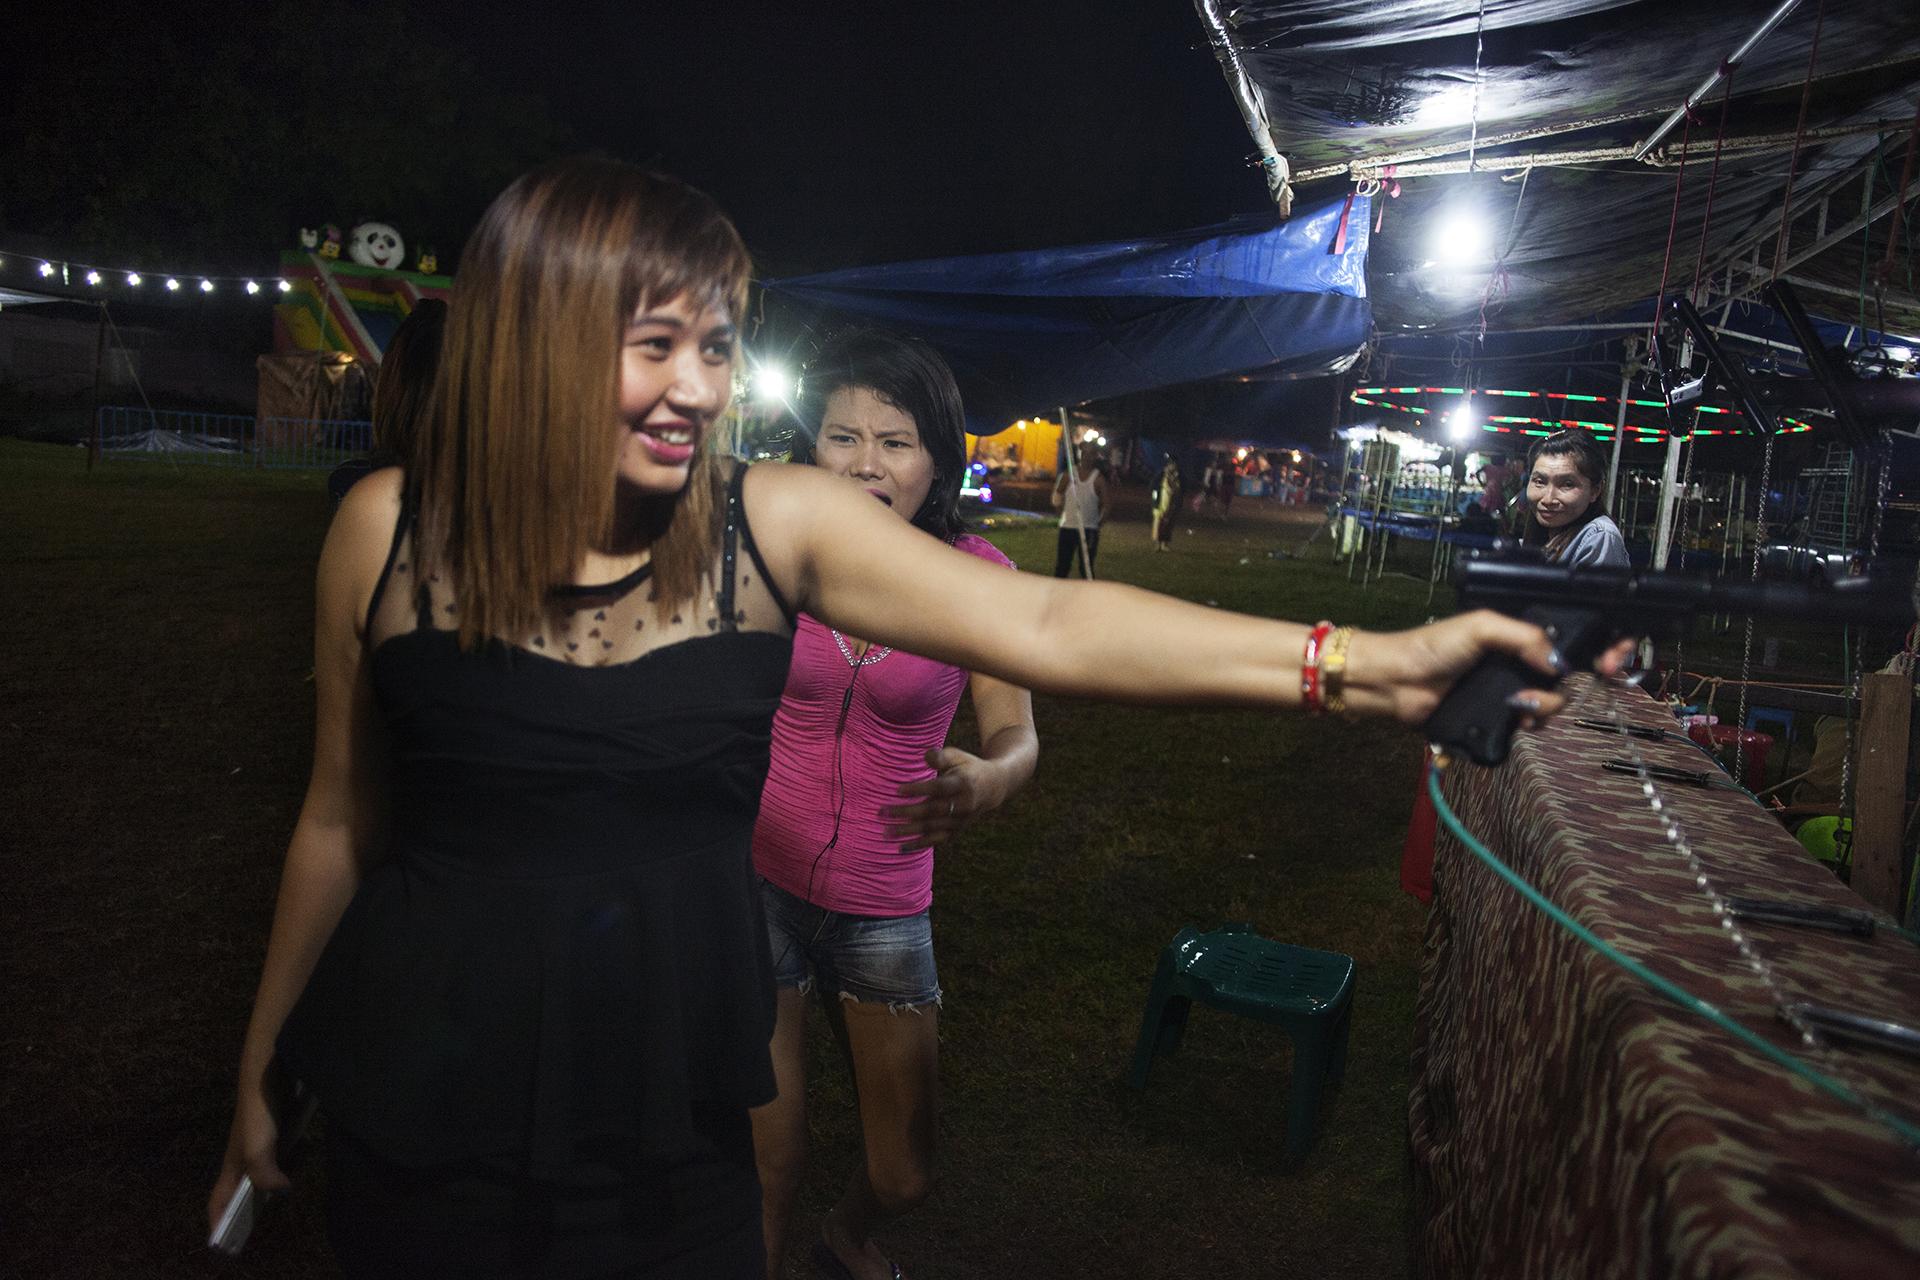 Nay Ji, 26 ans, s'amuse avec une de ses amies dans la kermesse organisée à l'occasion du festival bouddhiste Loy Kratong.La plupart des prostituées évitent les marchés, les restaurants, par peur des regards. Elles sont stigmatisées dans la culture birmane et sont très isolées. Mae Sot, Thaïlande, 2014